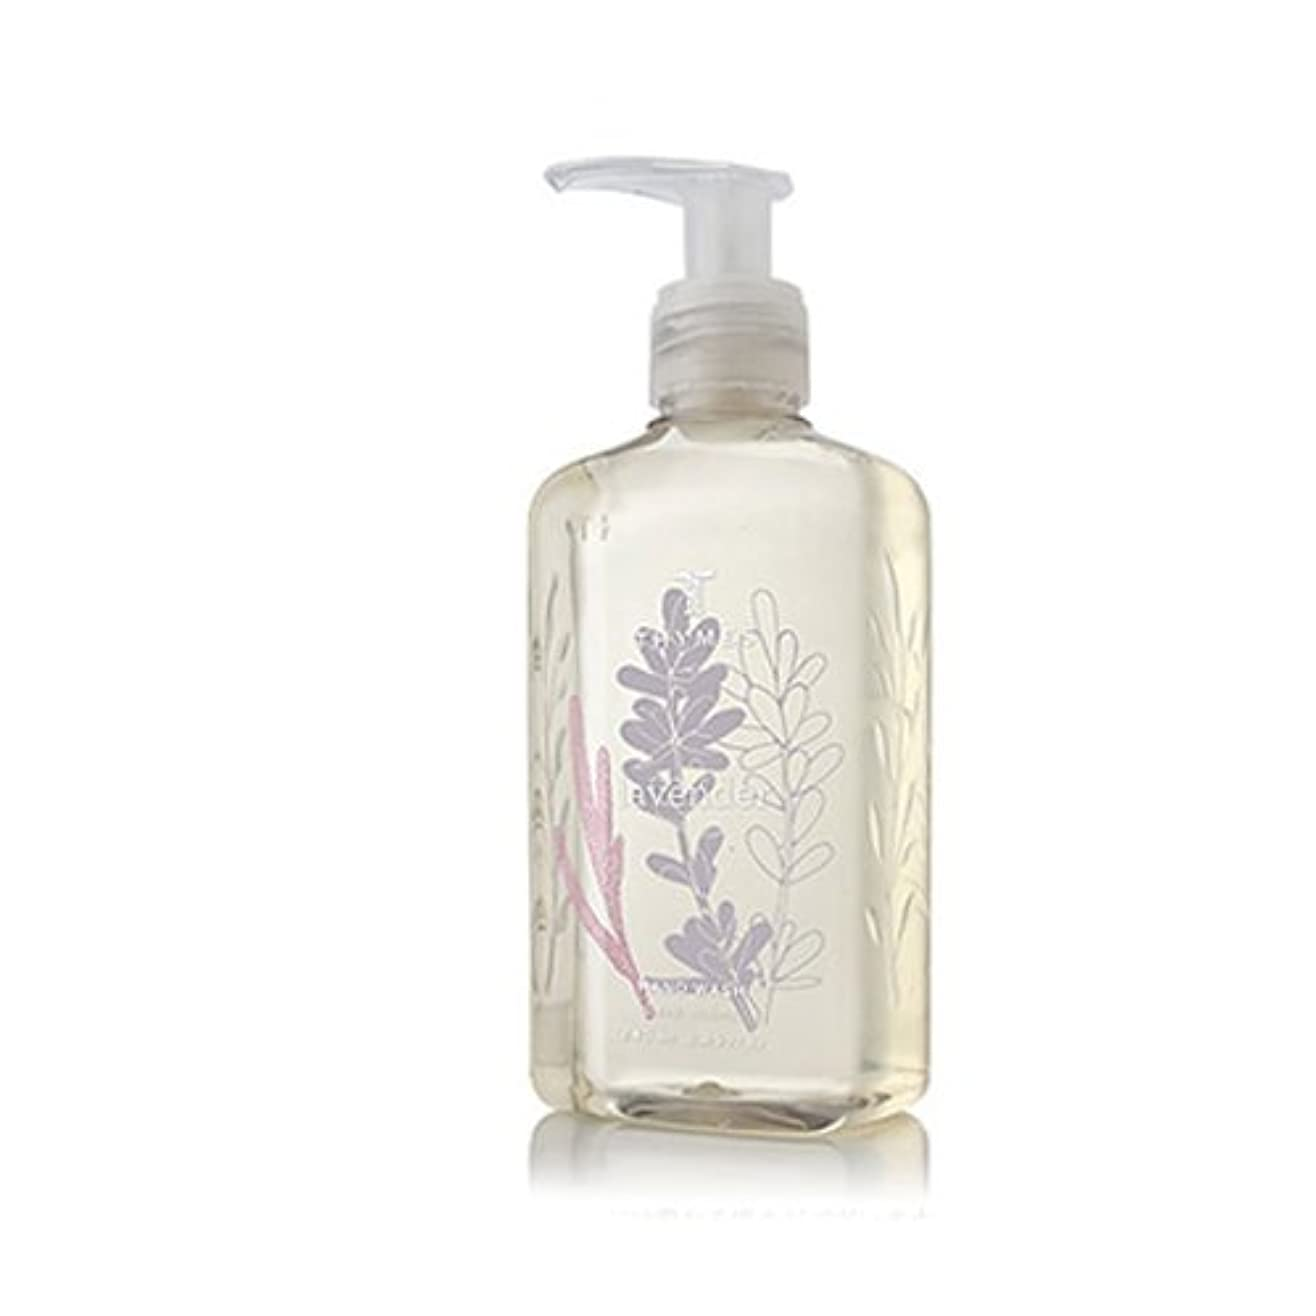 ホテル費やすダイアクリティカルTHYMES タイムズ ハンドウォッシュ 240ml ラベンダー Hand Wash 8.25 fl oz Lavender [並行輸入品]